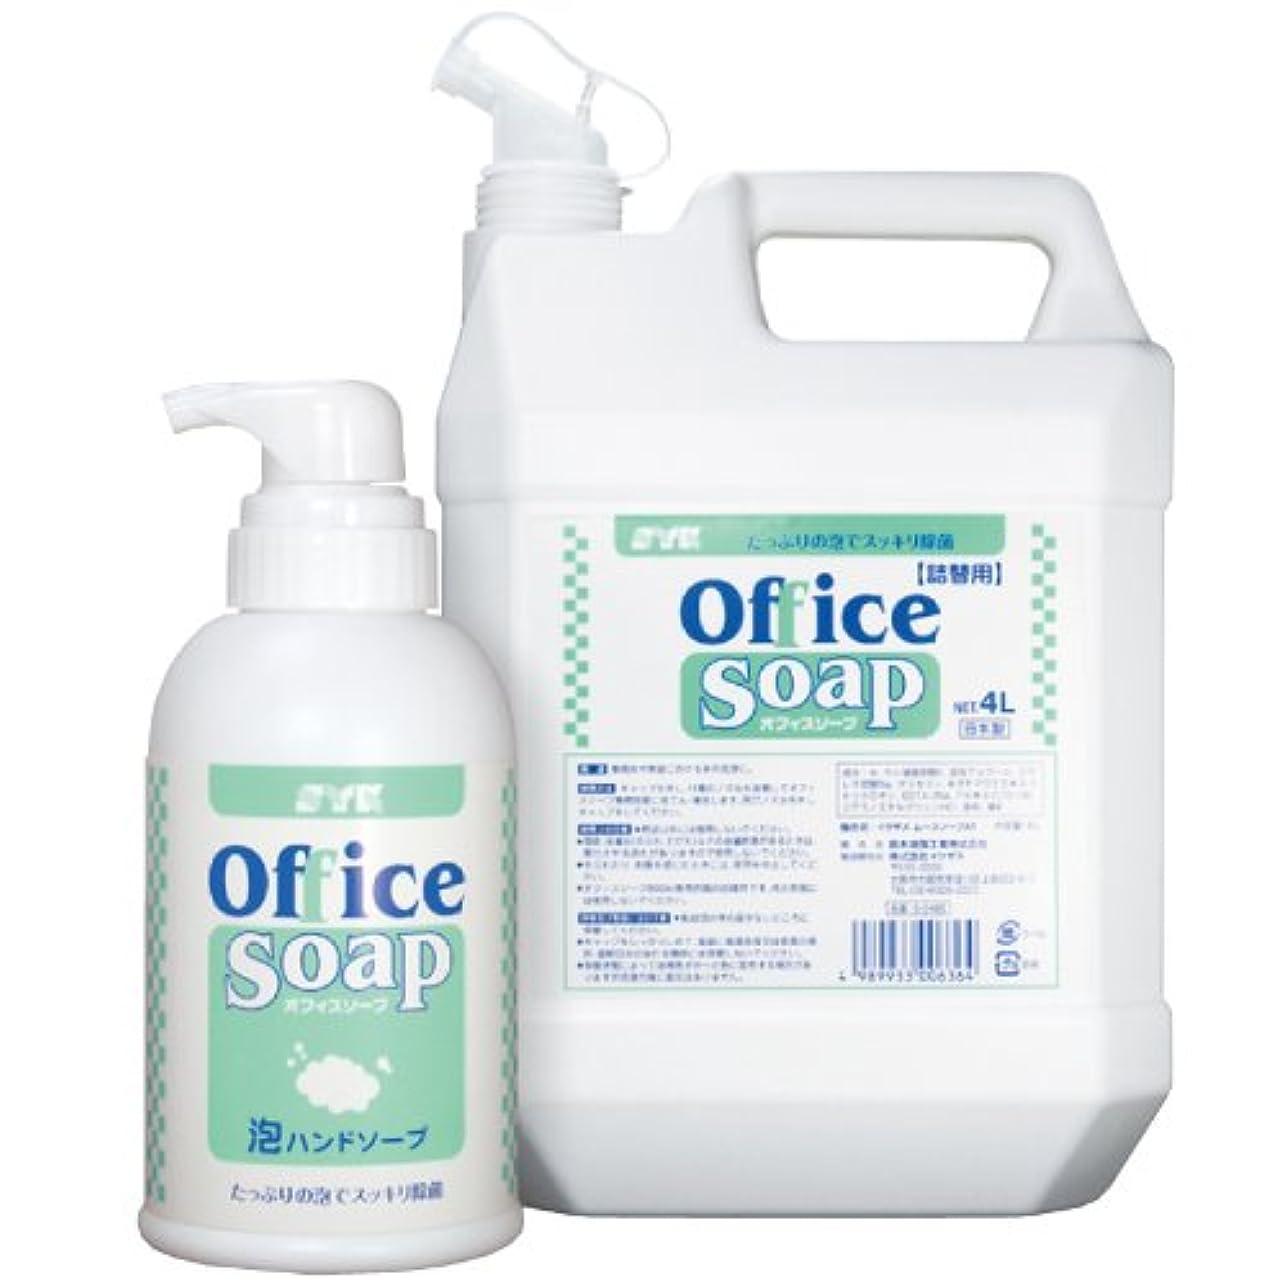 アグネスグレイレール虚弱鈴木油脂 事務所用手洗い洗剤 業務用 オフィスソープ ポンプ入 780ml×3本